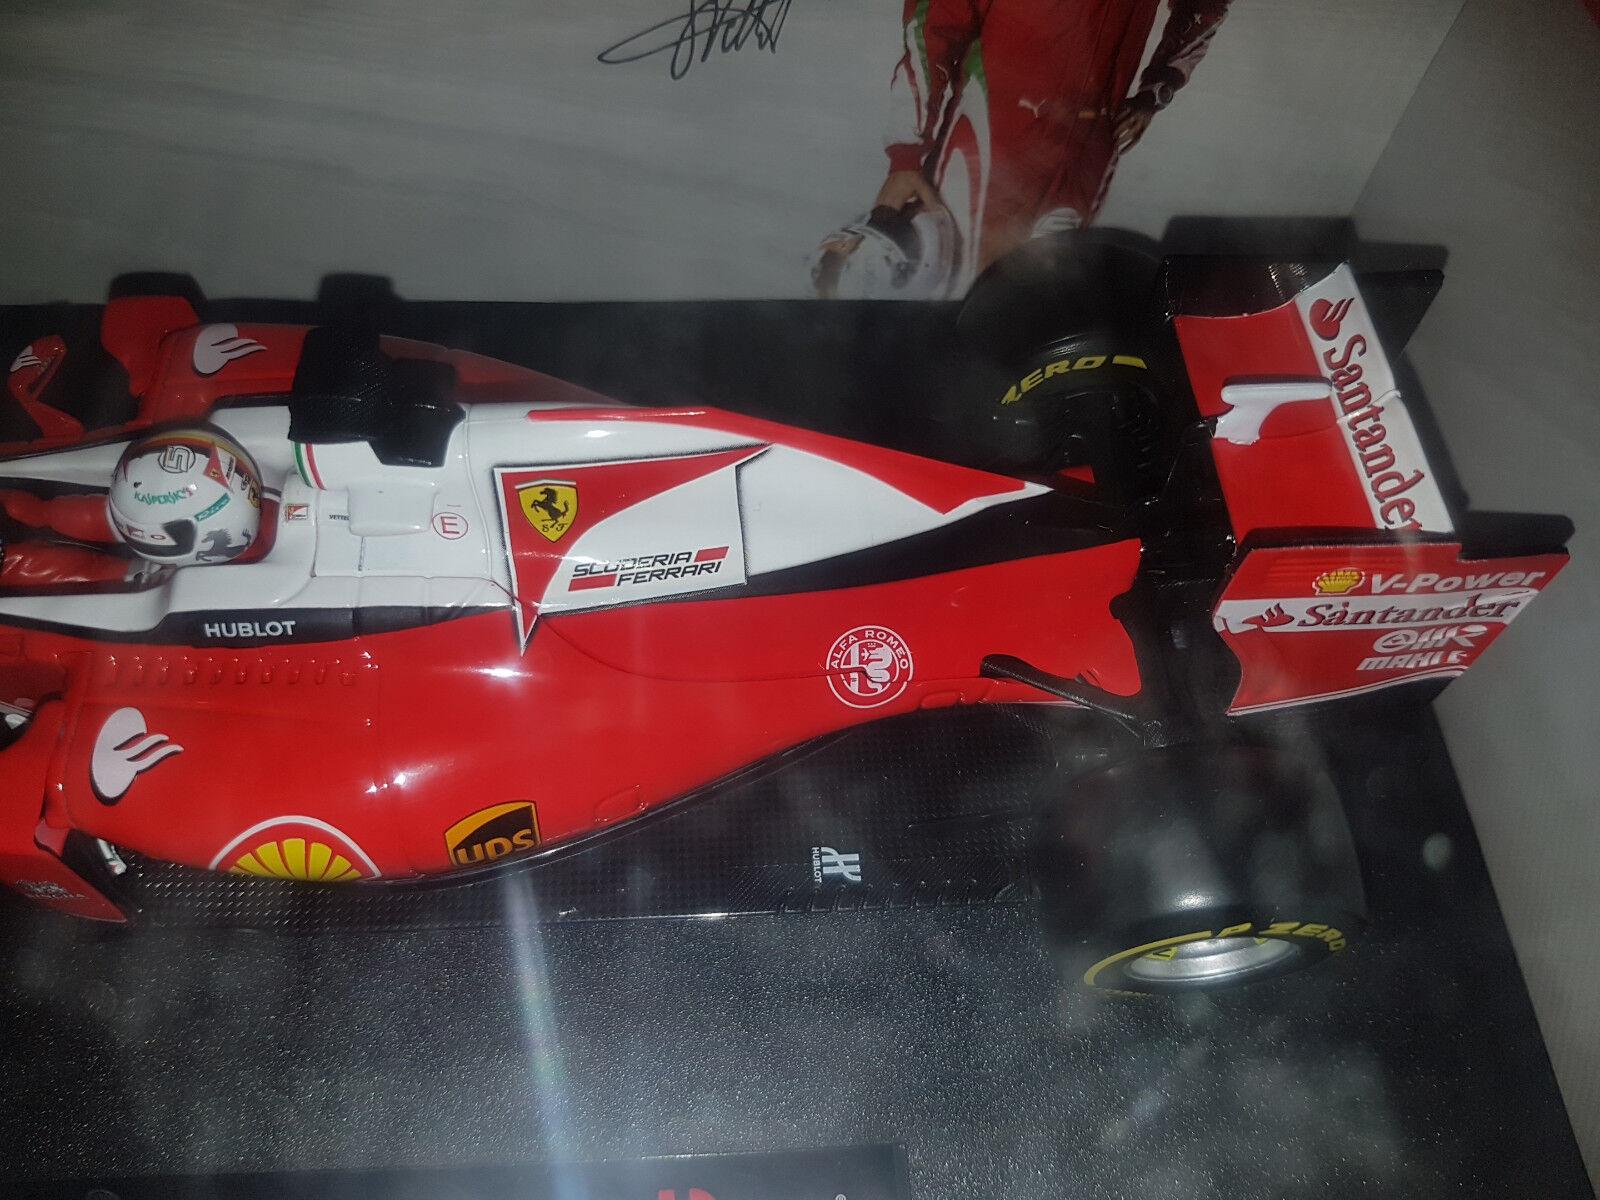 Ferrari Racing F1 SF16-H S. Vettel - 2016 - Bburago Bburago Bburago 1 18 - Nuova 050960